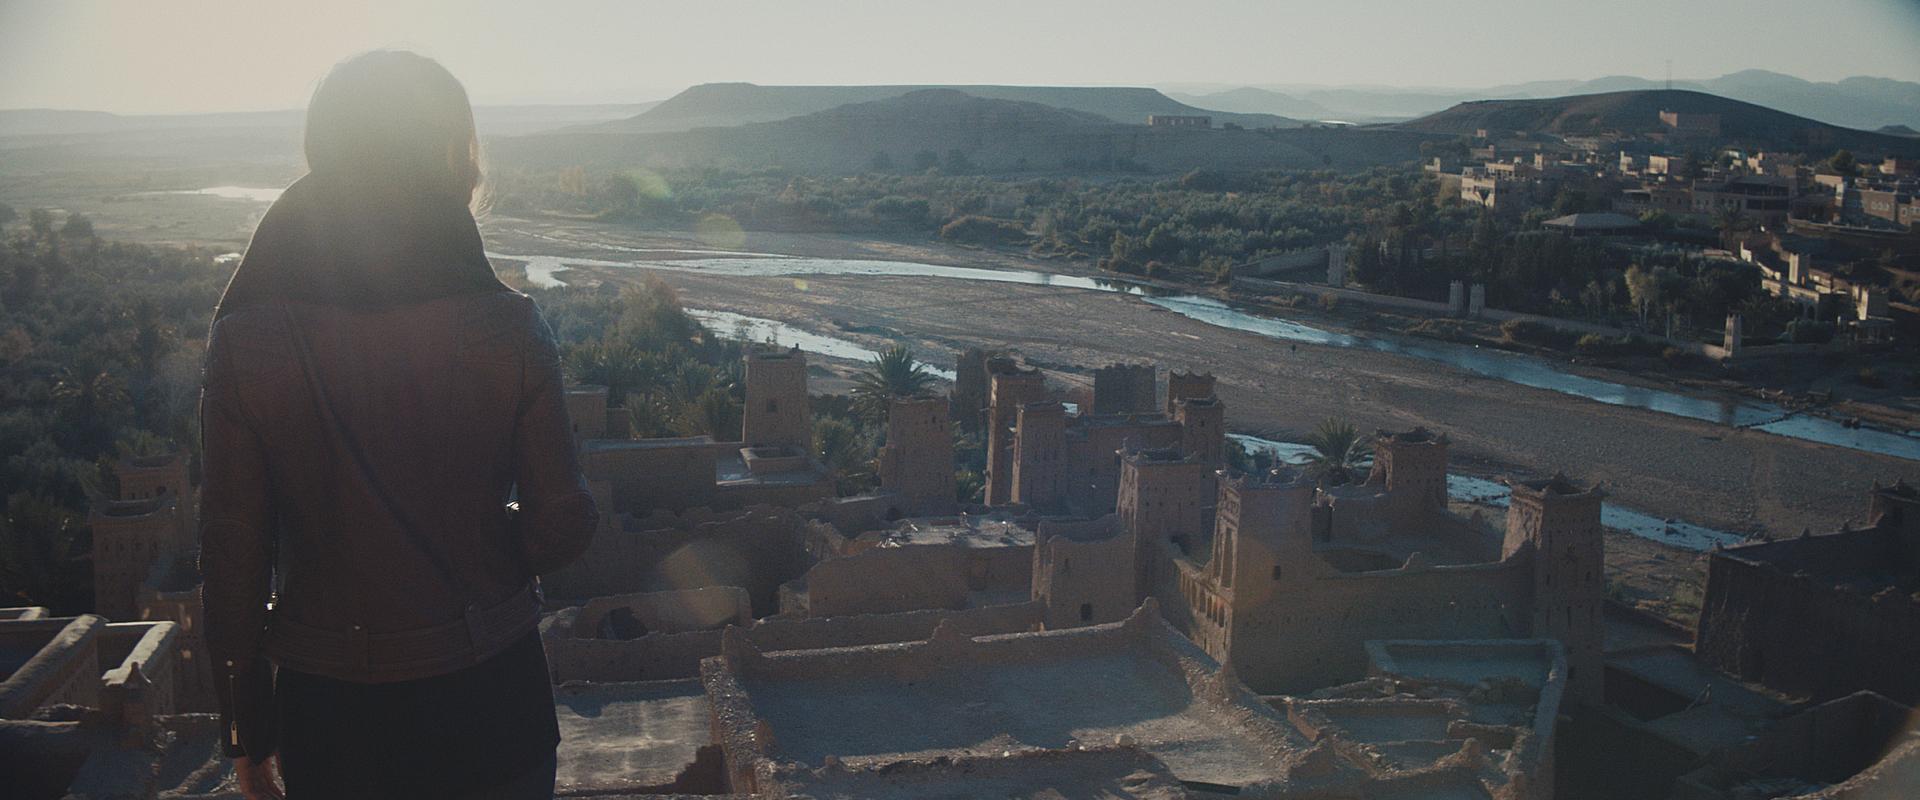 Morocco_Stills3_2.21.1.jpg